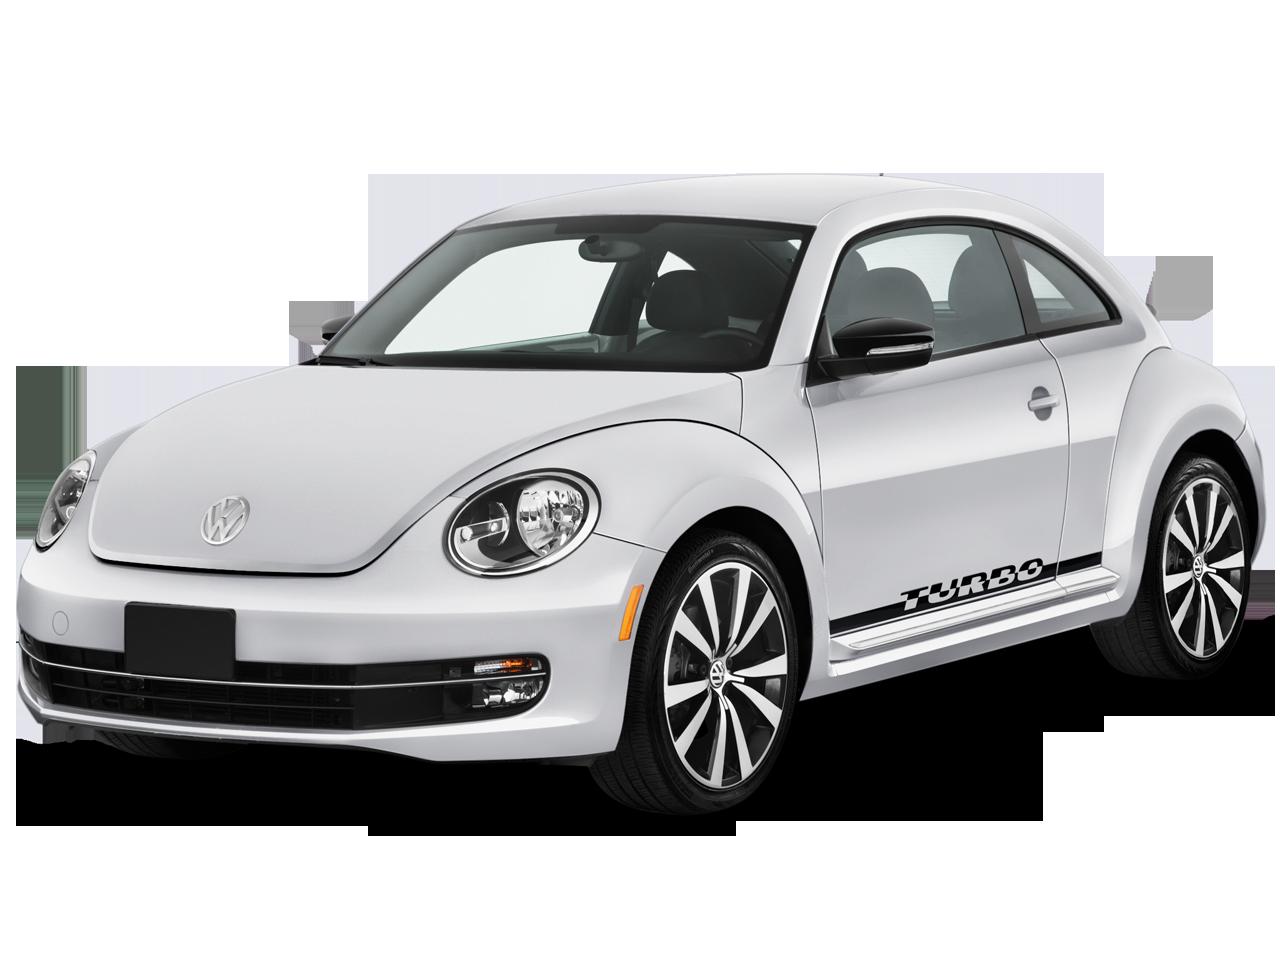 New Beetle (2006-2010)